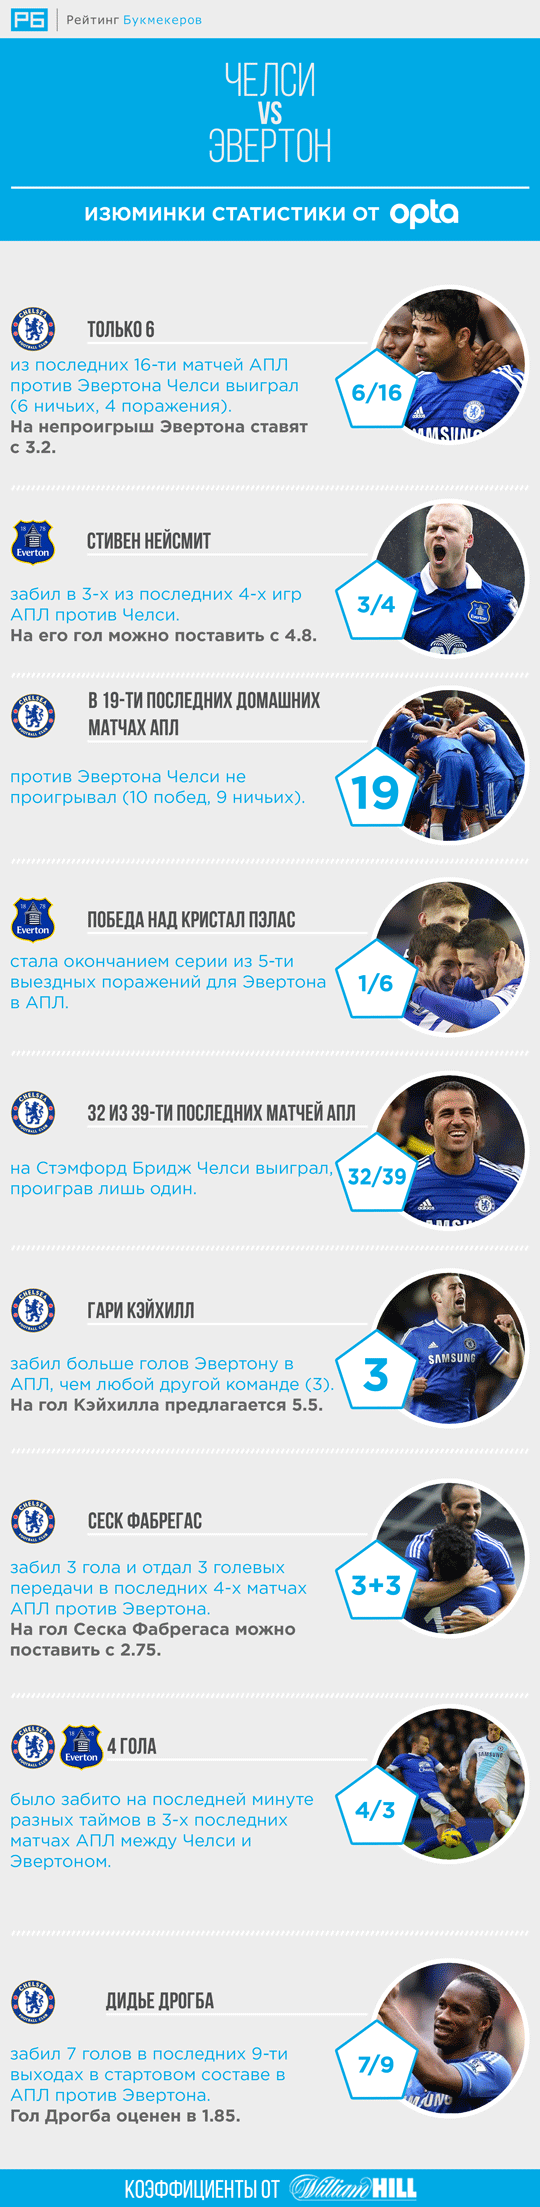 [инфографика] Изюминки статистики для матча «Челси» — «Эвертон»